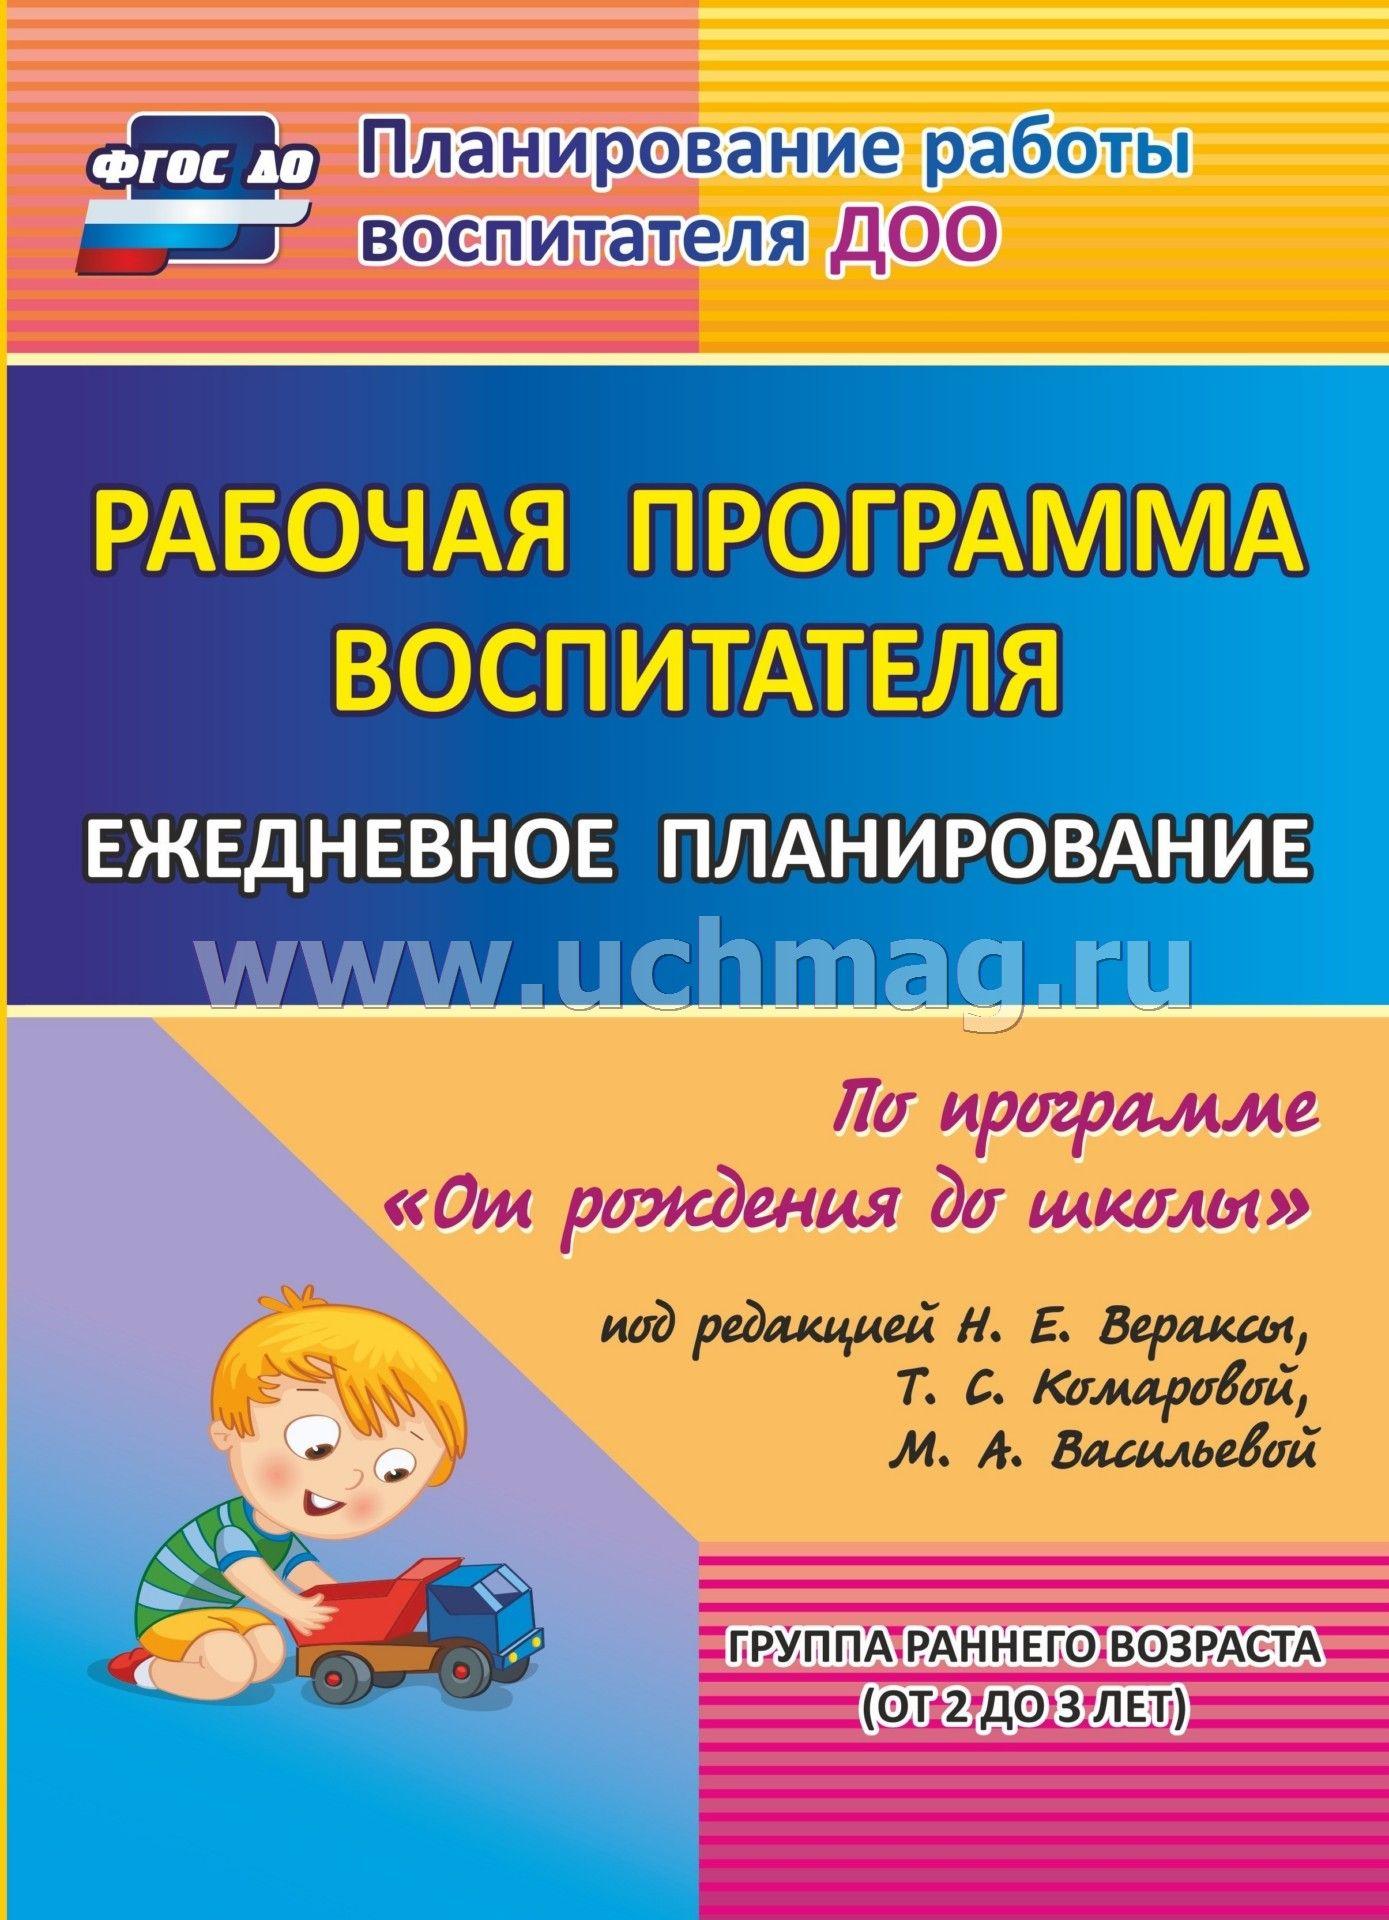 Рабочая программа педагога библиотекаря скачать